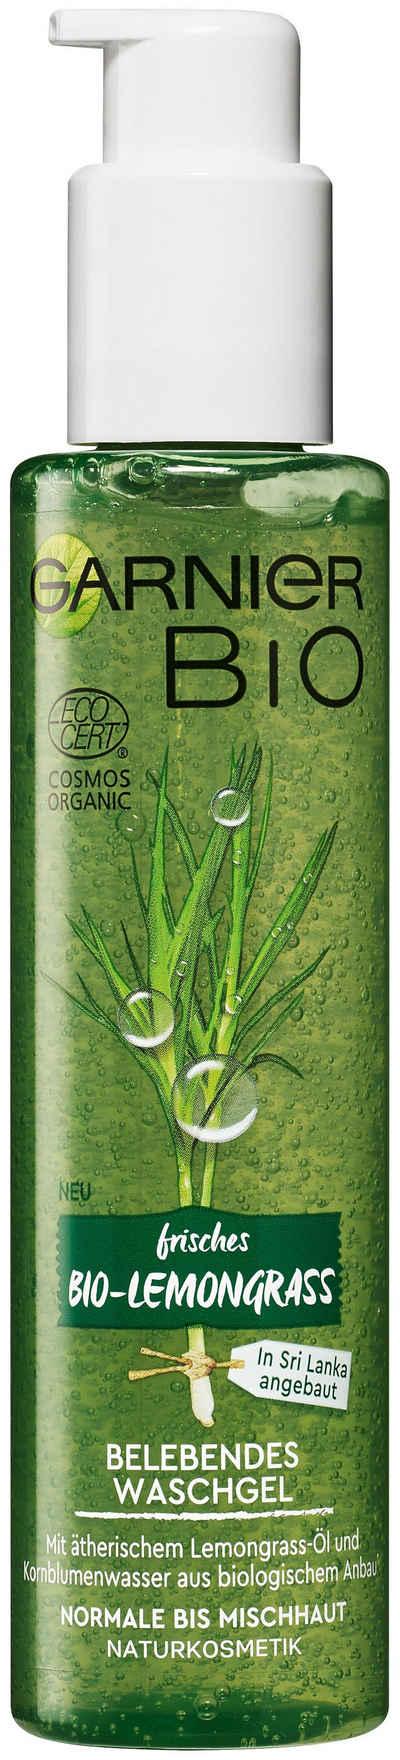 GARNIER Gesichtsreinigungsgel »Bio Lemongrass«